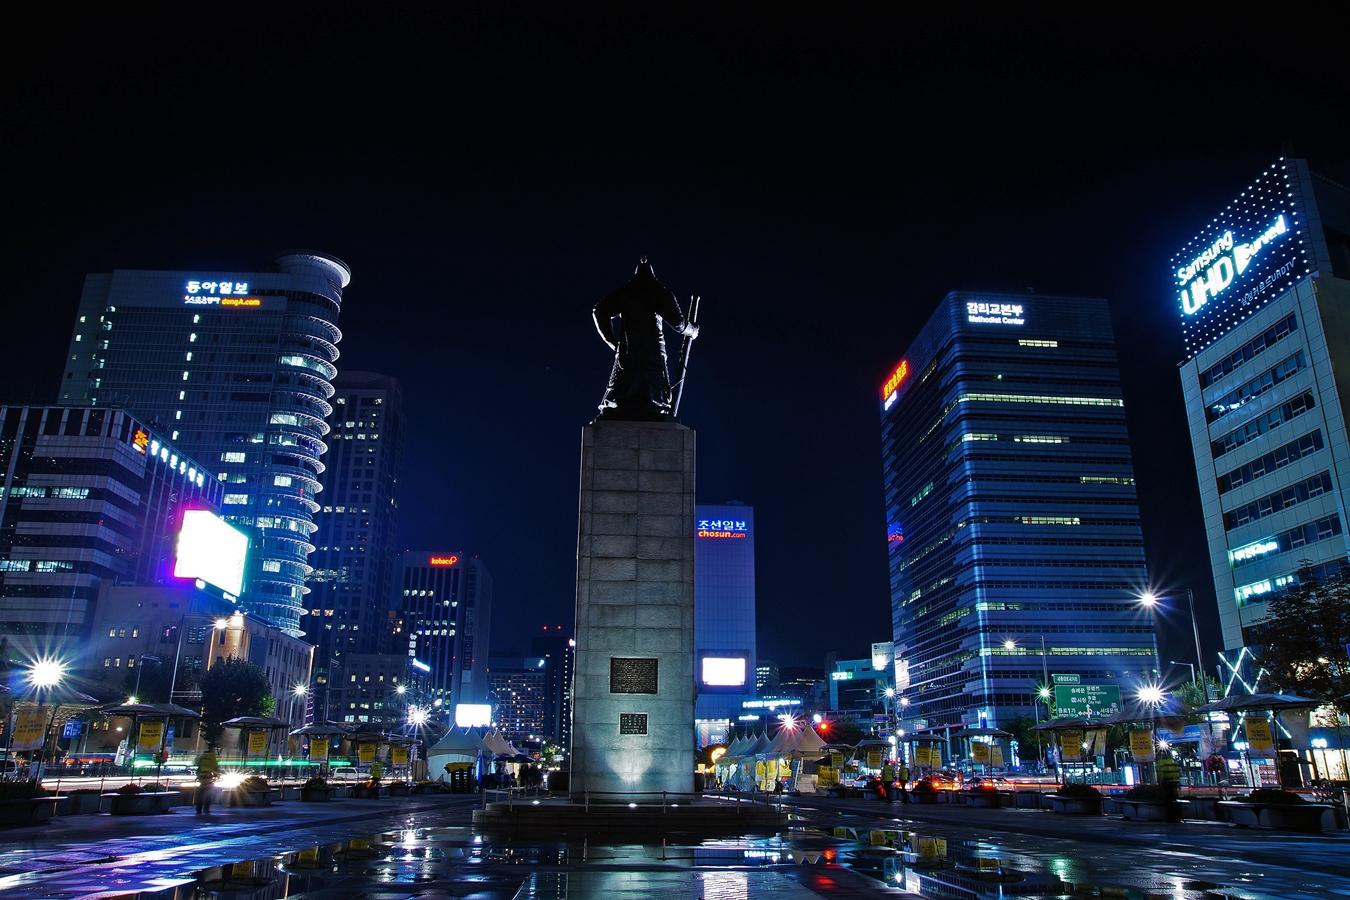 06화 야경기행, 이순신 장군의 뒷모습 - 서울 종로...